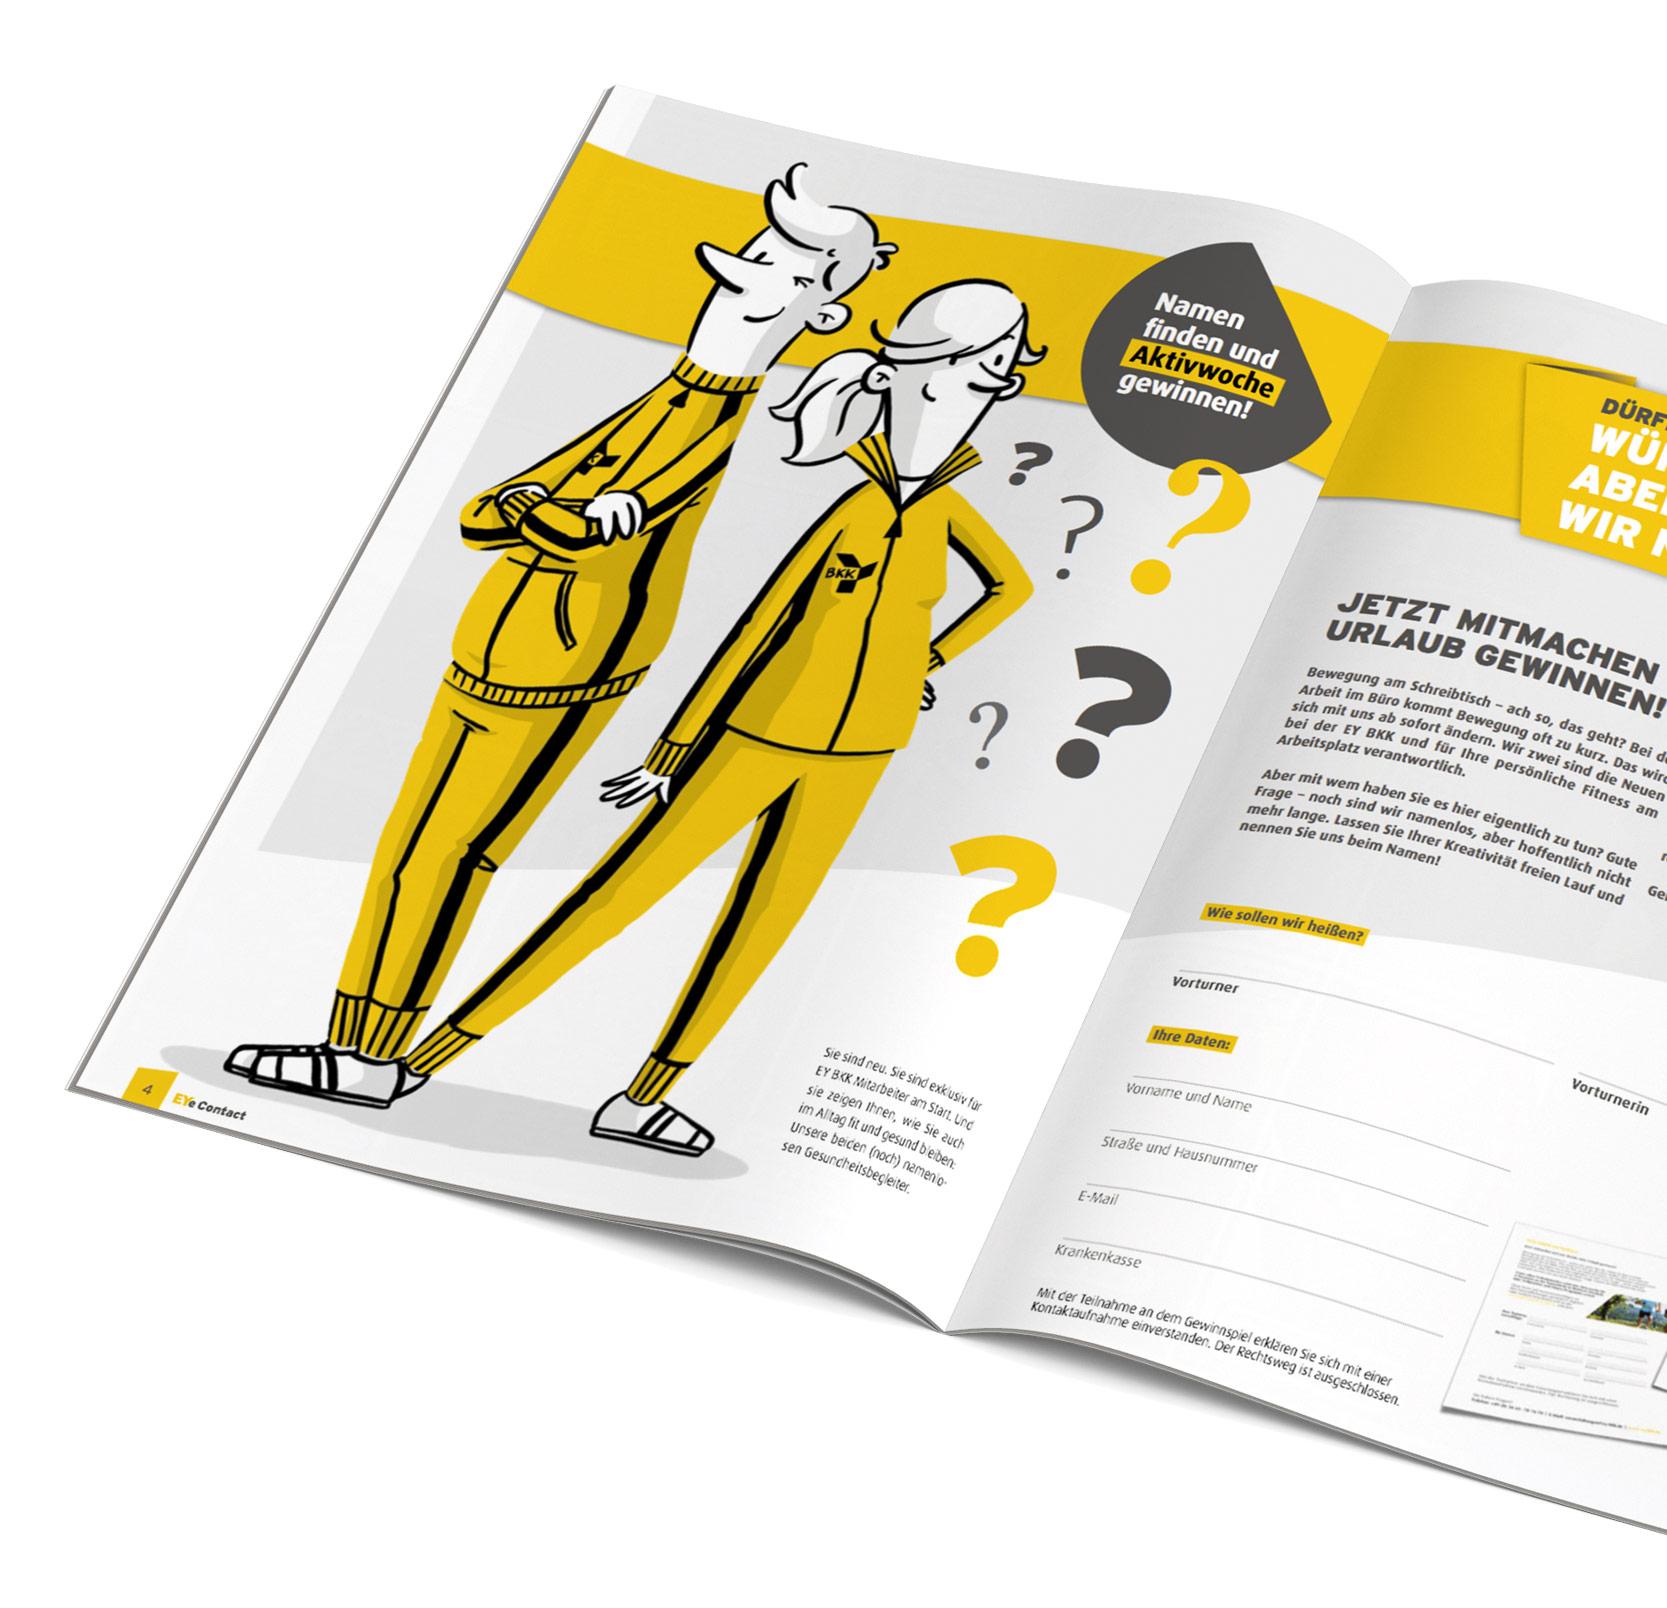 Printmagazin mit den abgedruckten Maskottchen